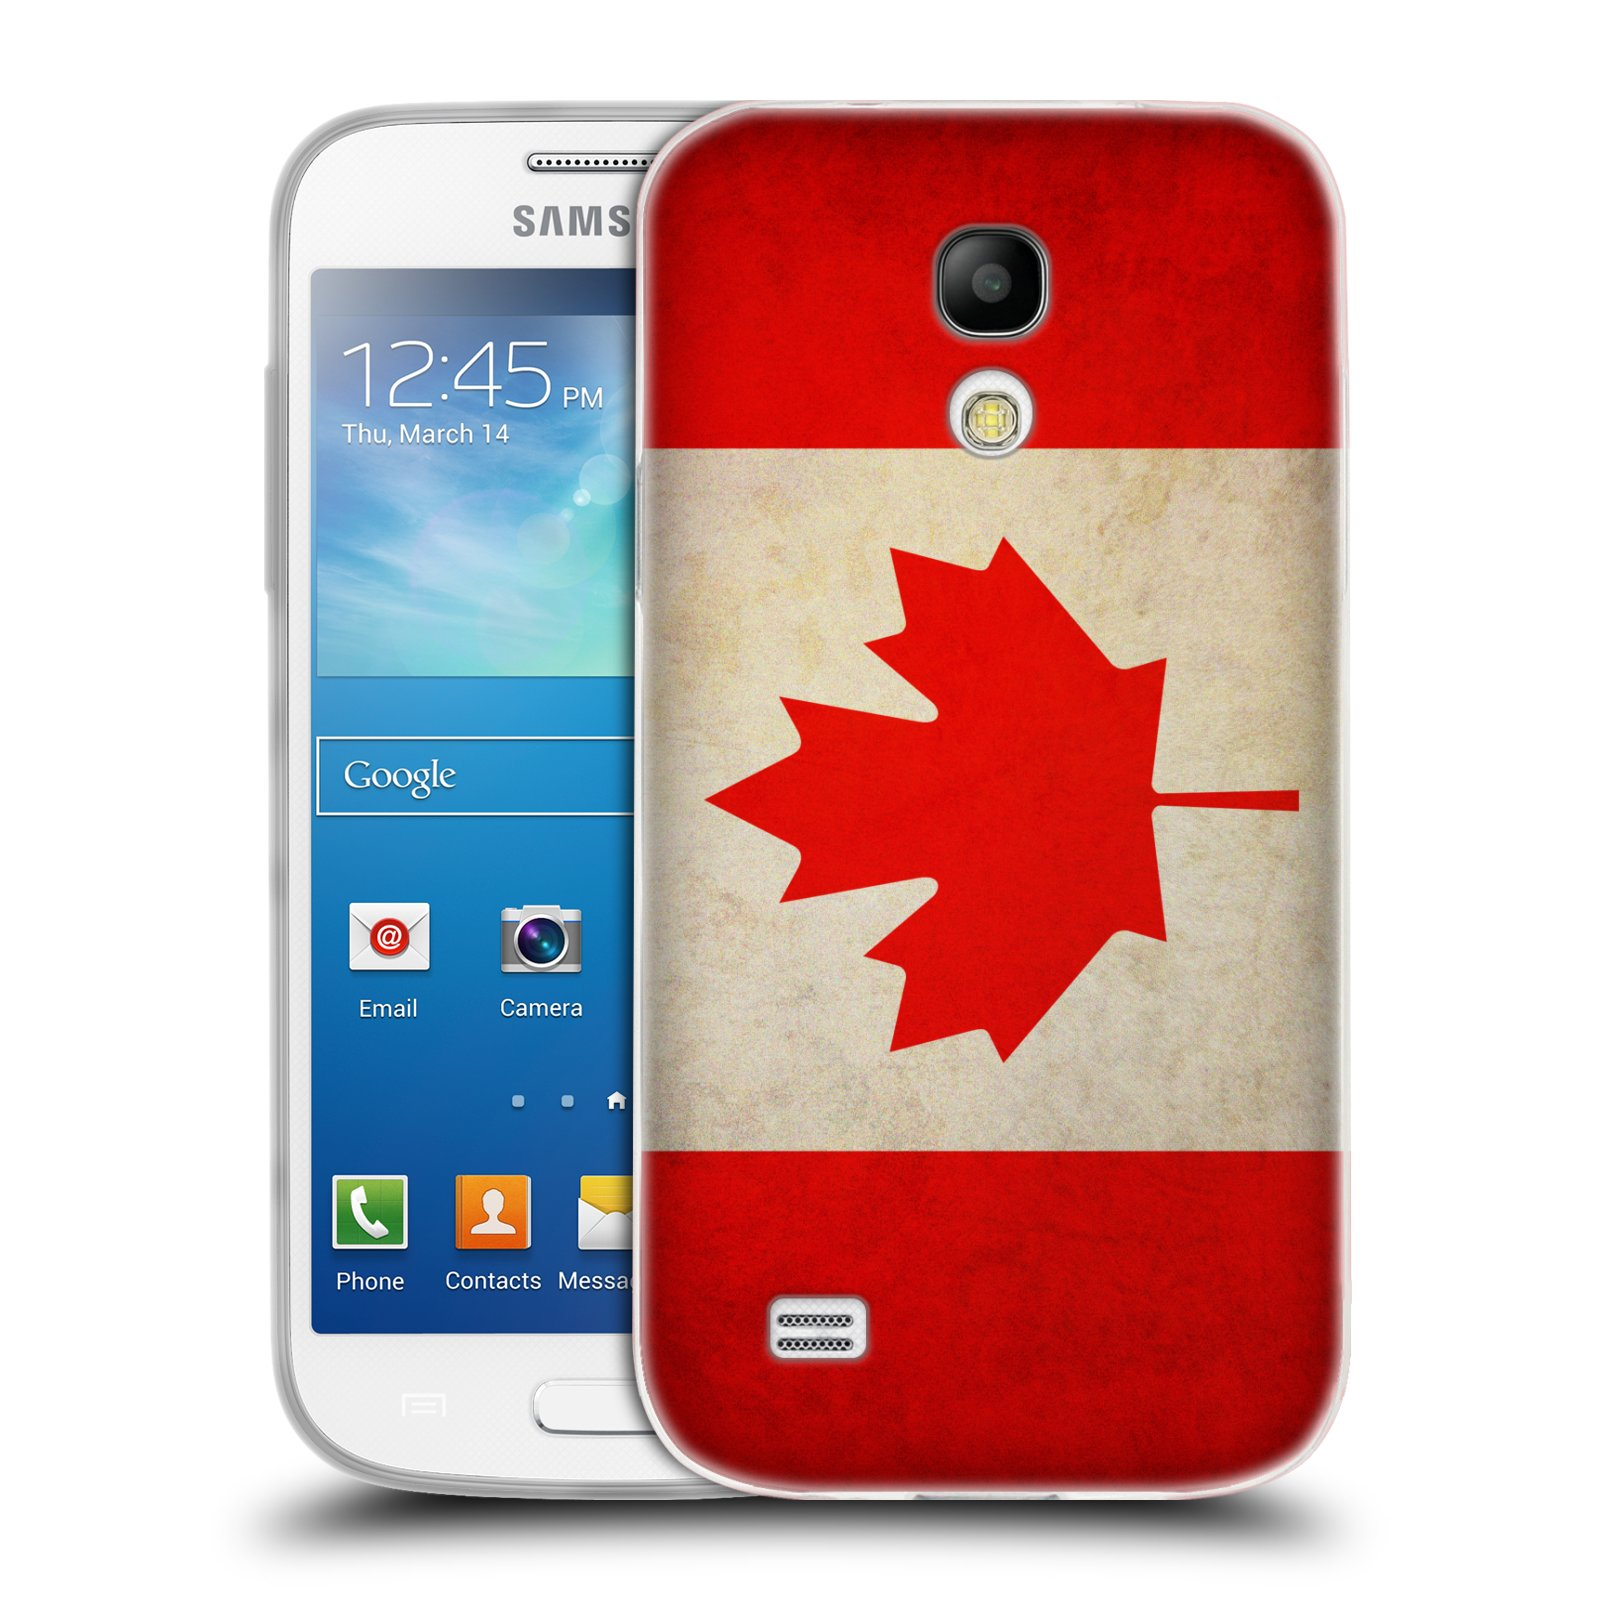 Silikonové pouzdro na mobil Samsung Galaxy S4 Mini HEAD CASE VLAJKA KANADA (Silikonový kryt či obal na mobilní telefon Samsung Galaxy S4 Mini GT-i9195 / i9190)